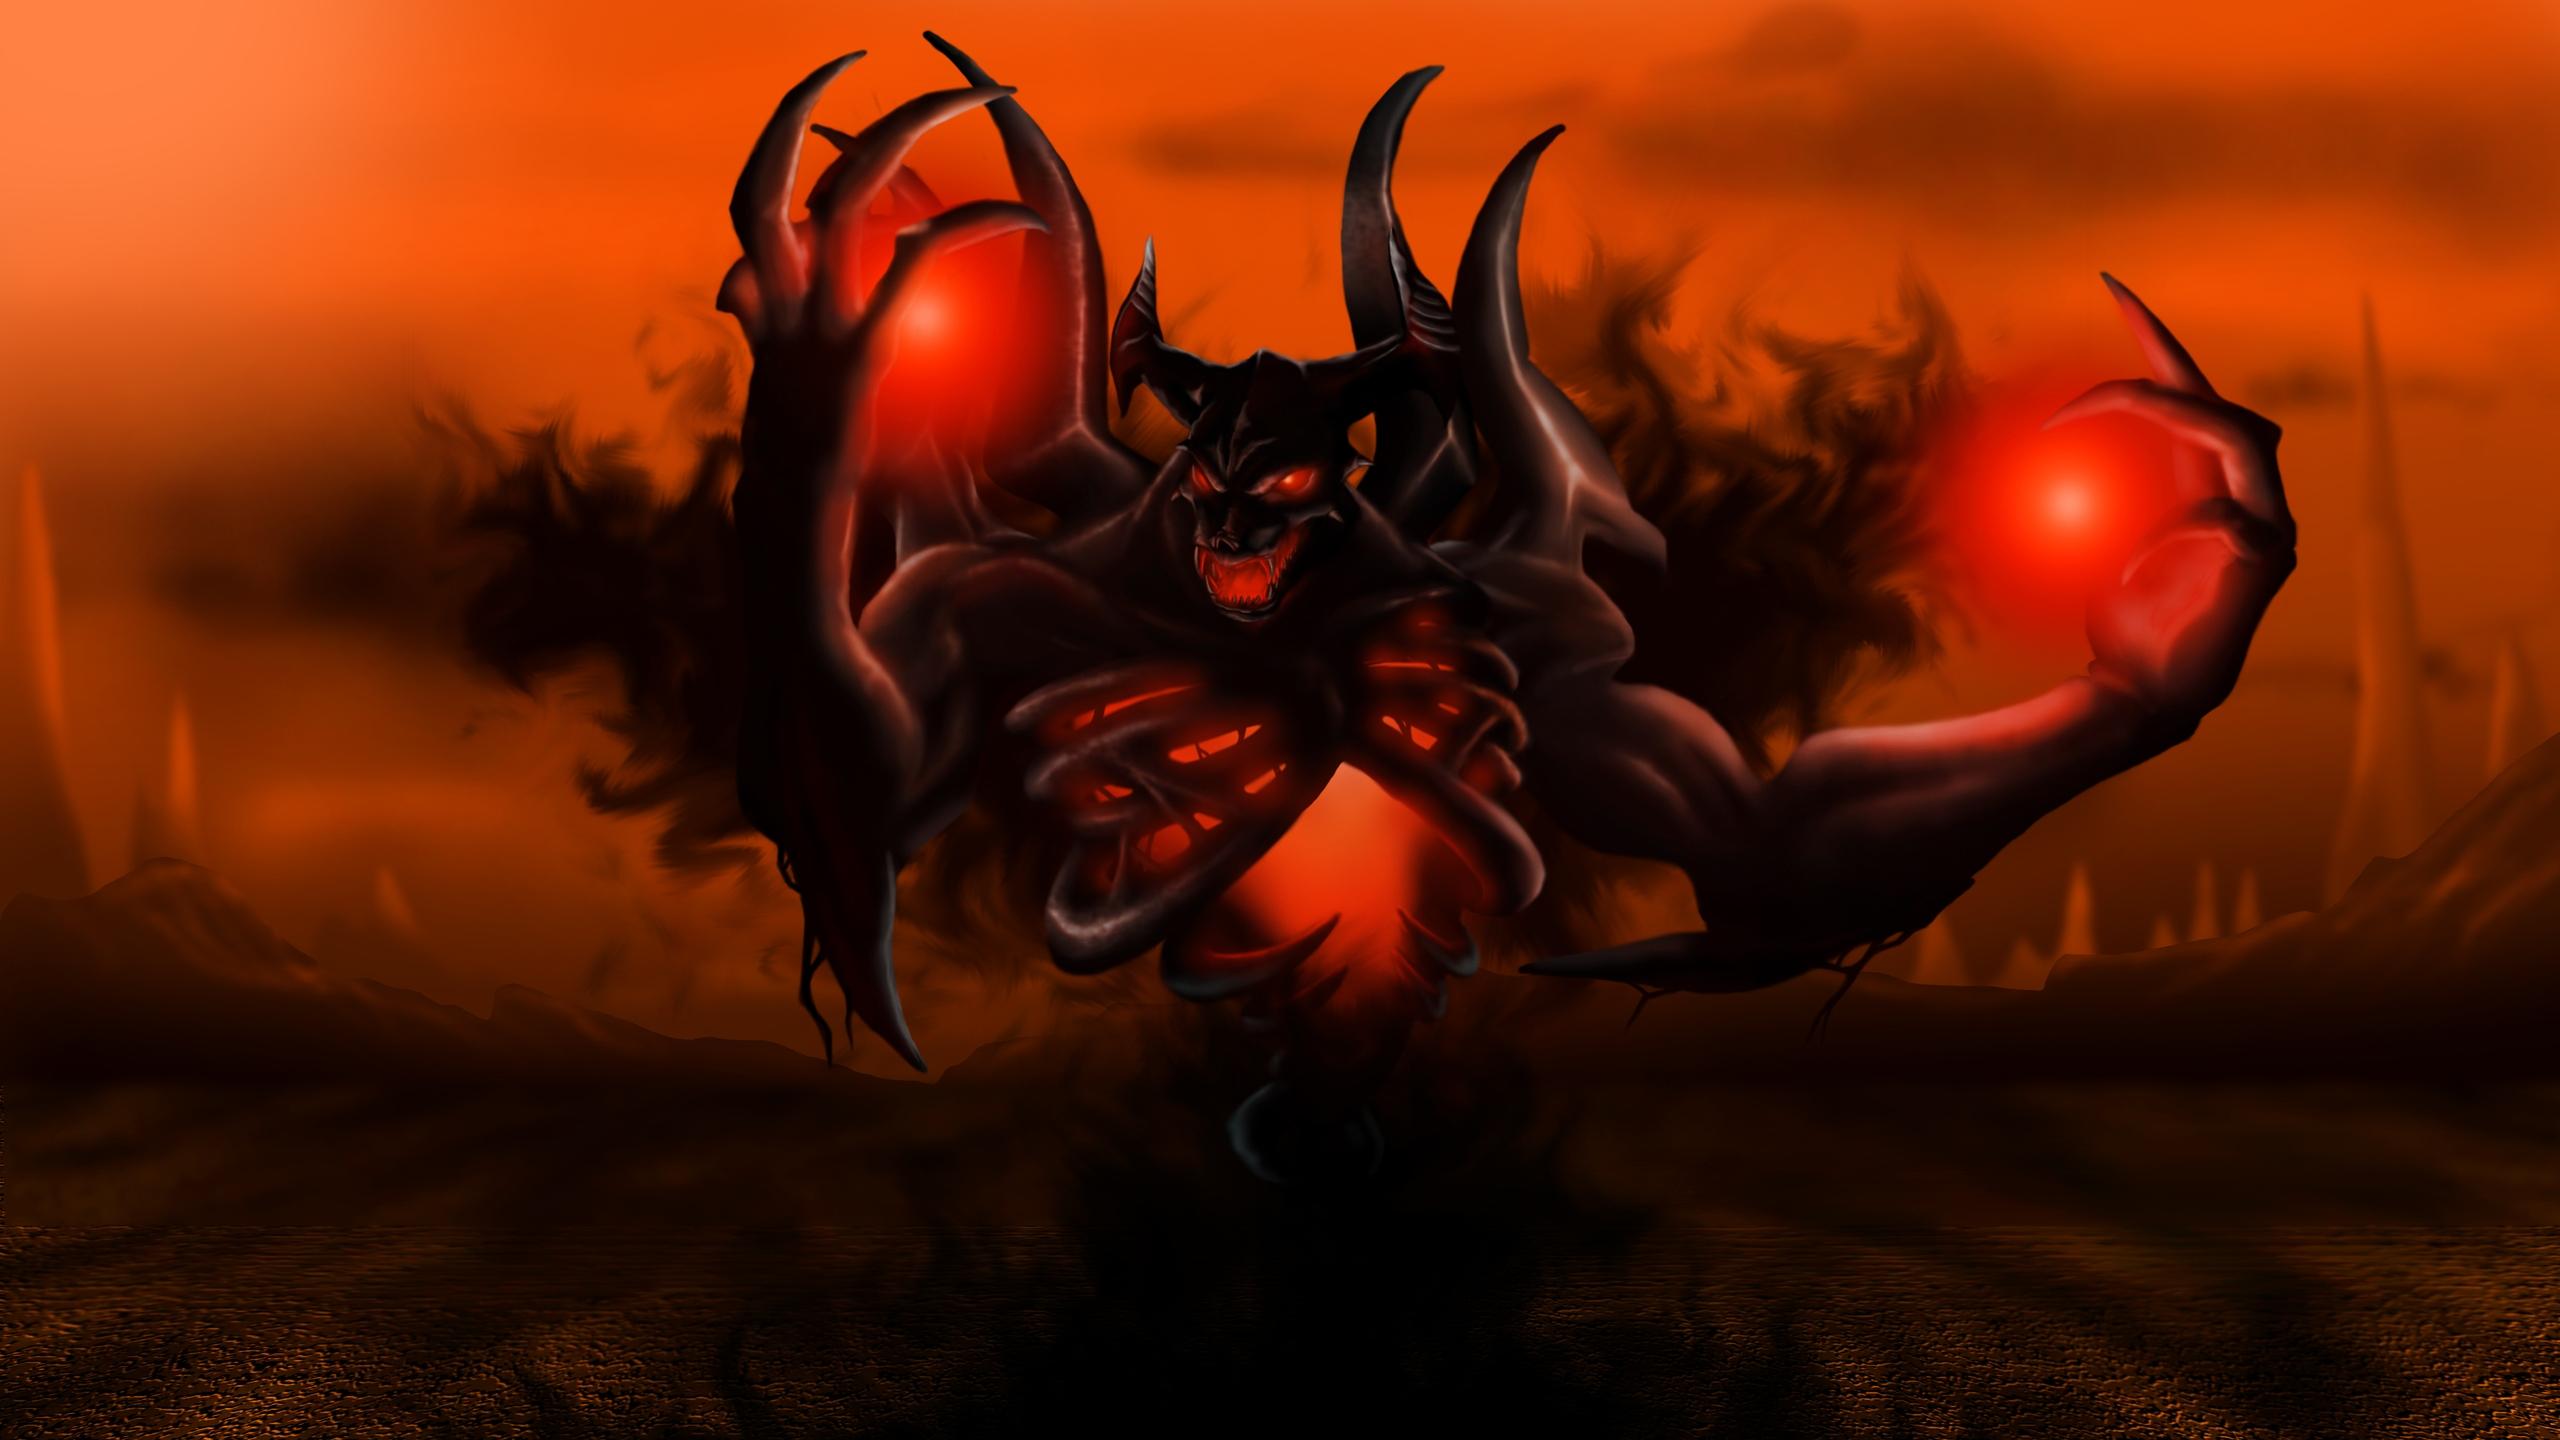 Dragon Demon Dota 2 Nevermore Shadow Fiend Darkness Screenshot Computer Wallpaper Fictional Character